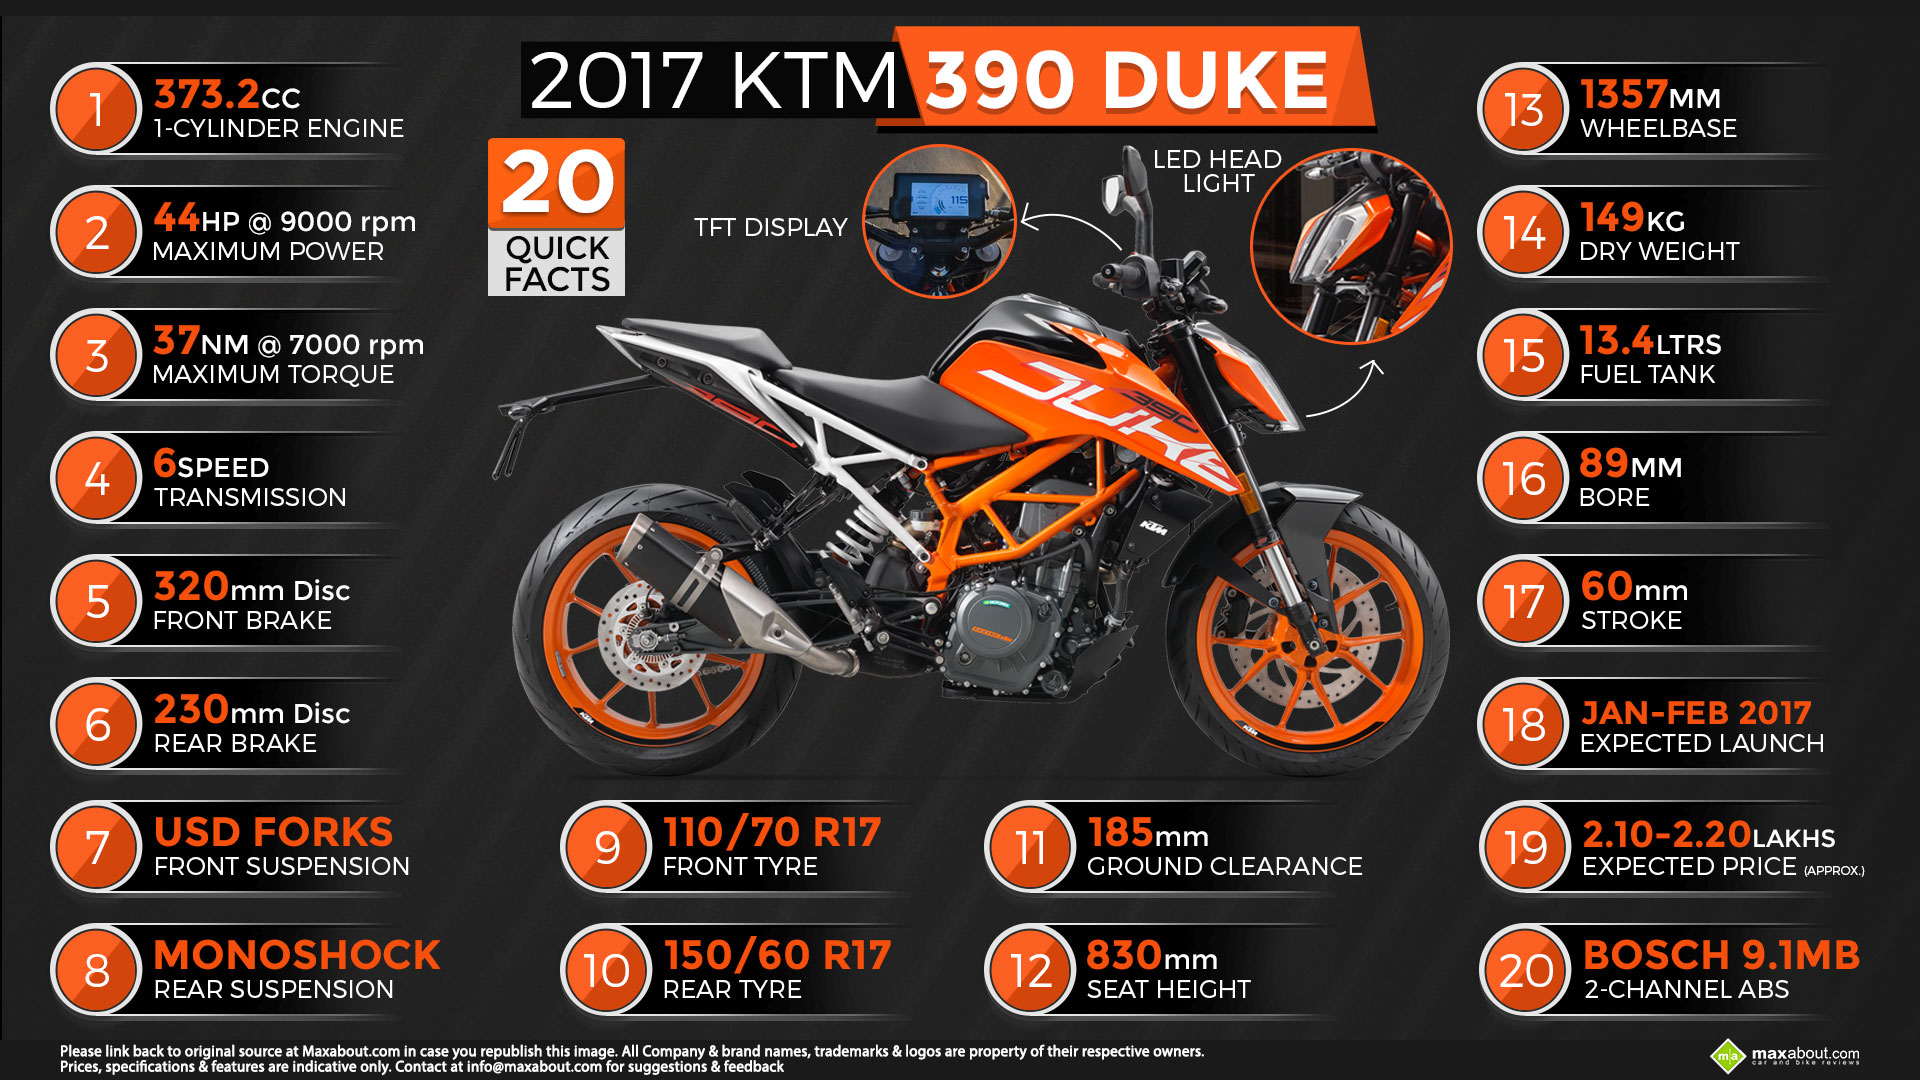 Ktm Duke 390 2017   bliblinewscom 1920x1080